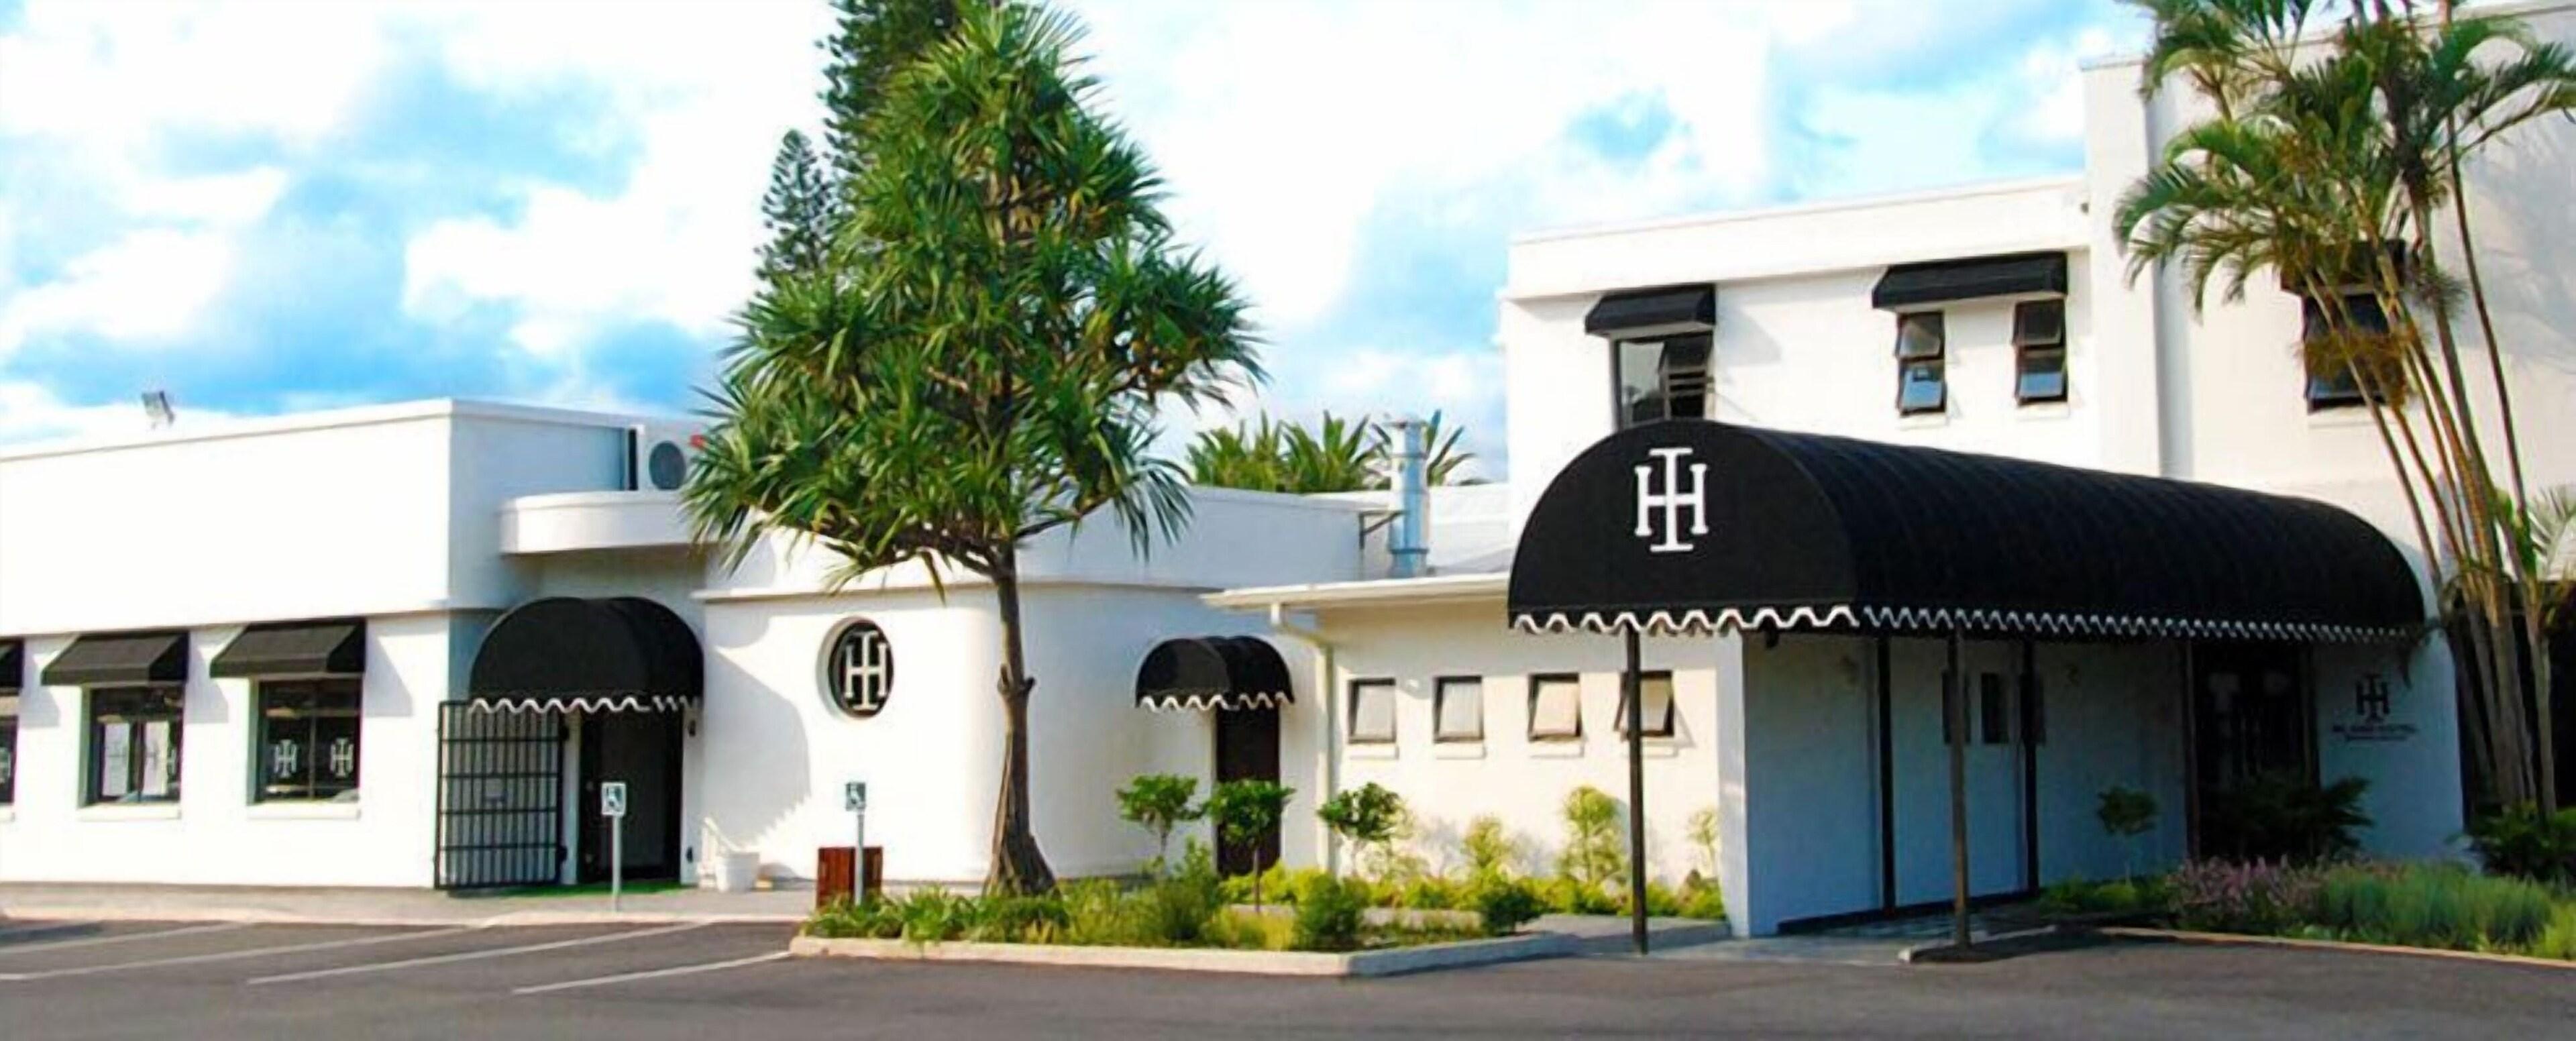 Island Hotel Durban